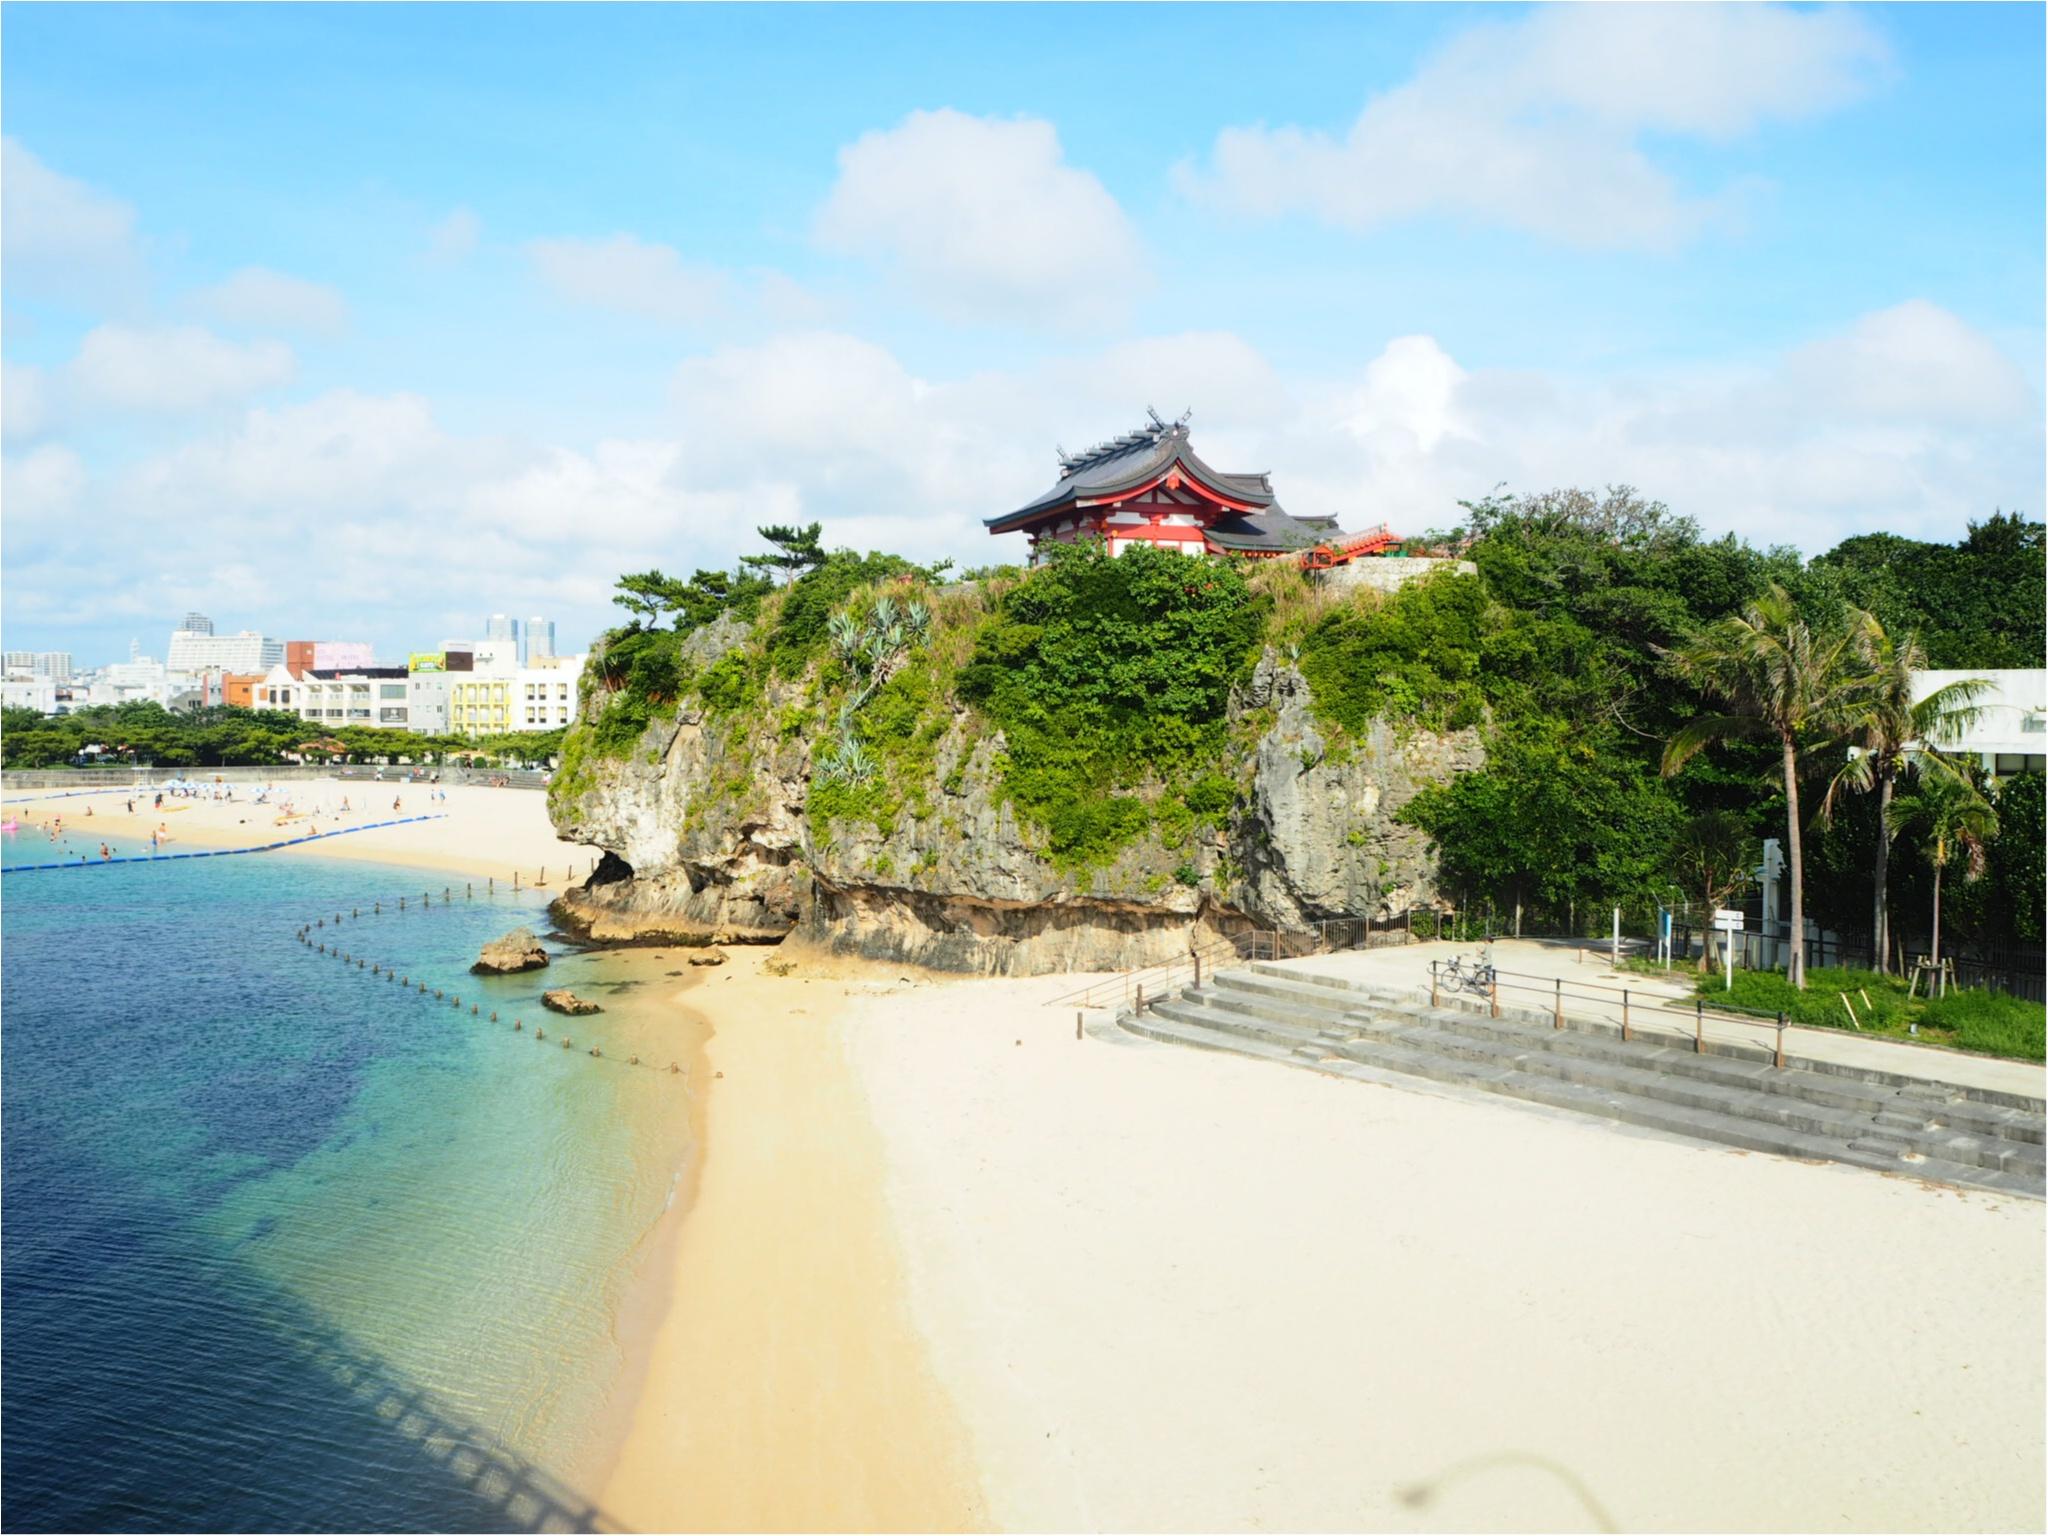 【女子旅♬】part.①沖縄に行ってきました〜♡ファットジェニックたっぷり♡〜レンタカーを使わなくても(ペーパードライバー)たっぷり楽しめました♡♡自然豊かで、とっても癒されました♡_5